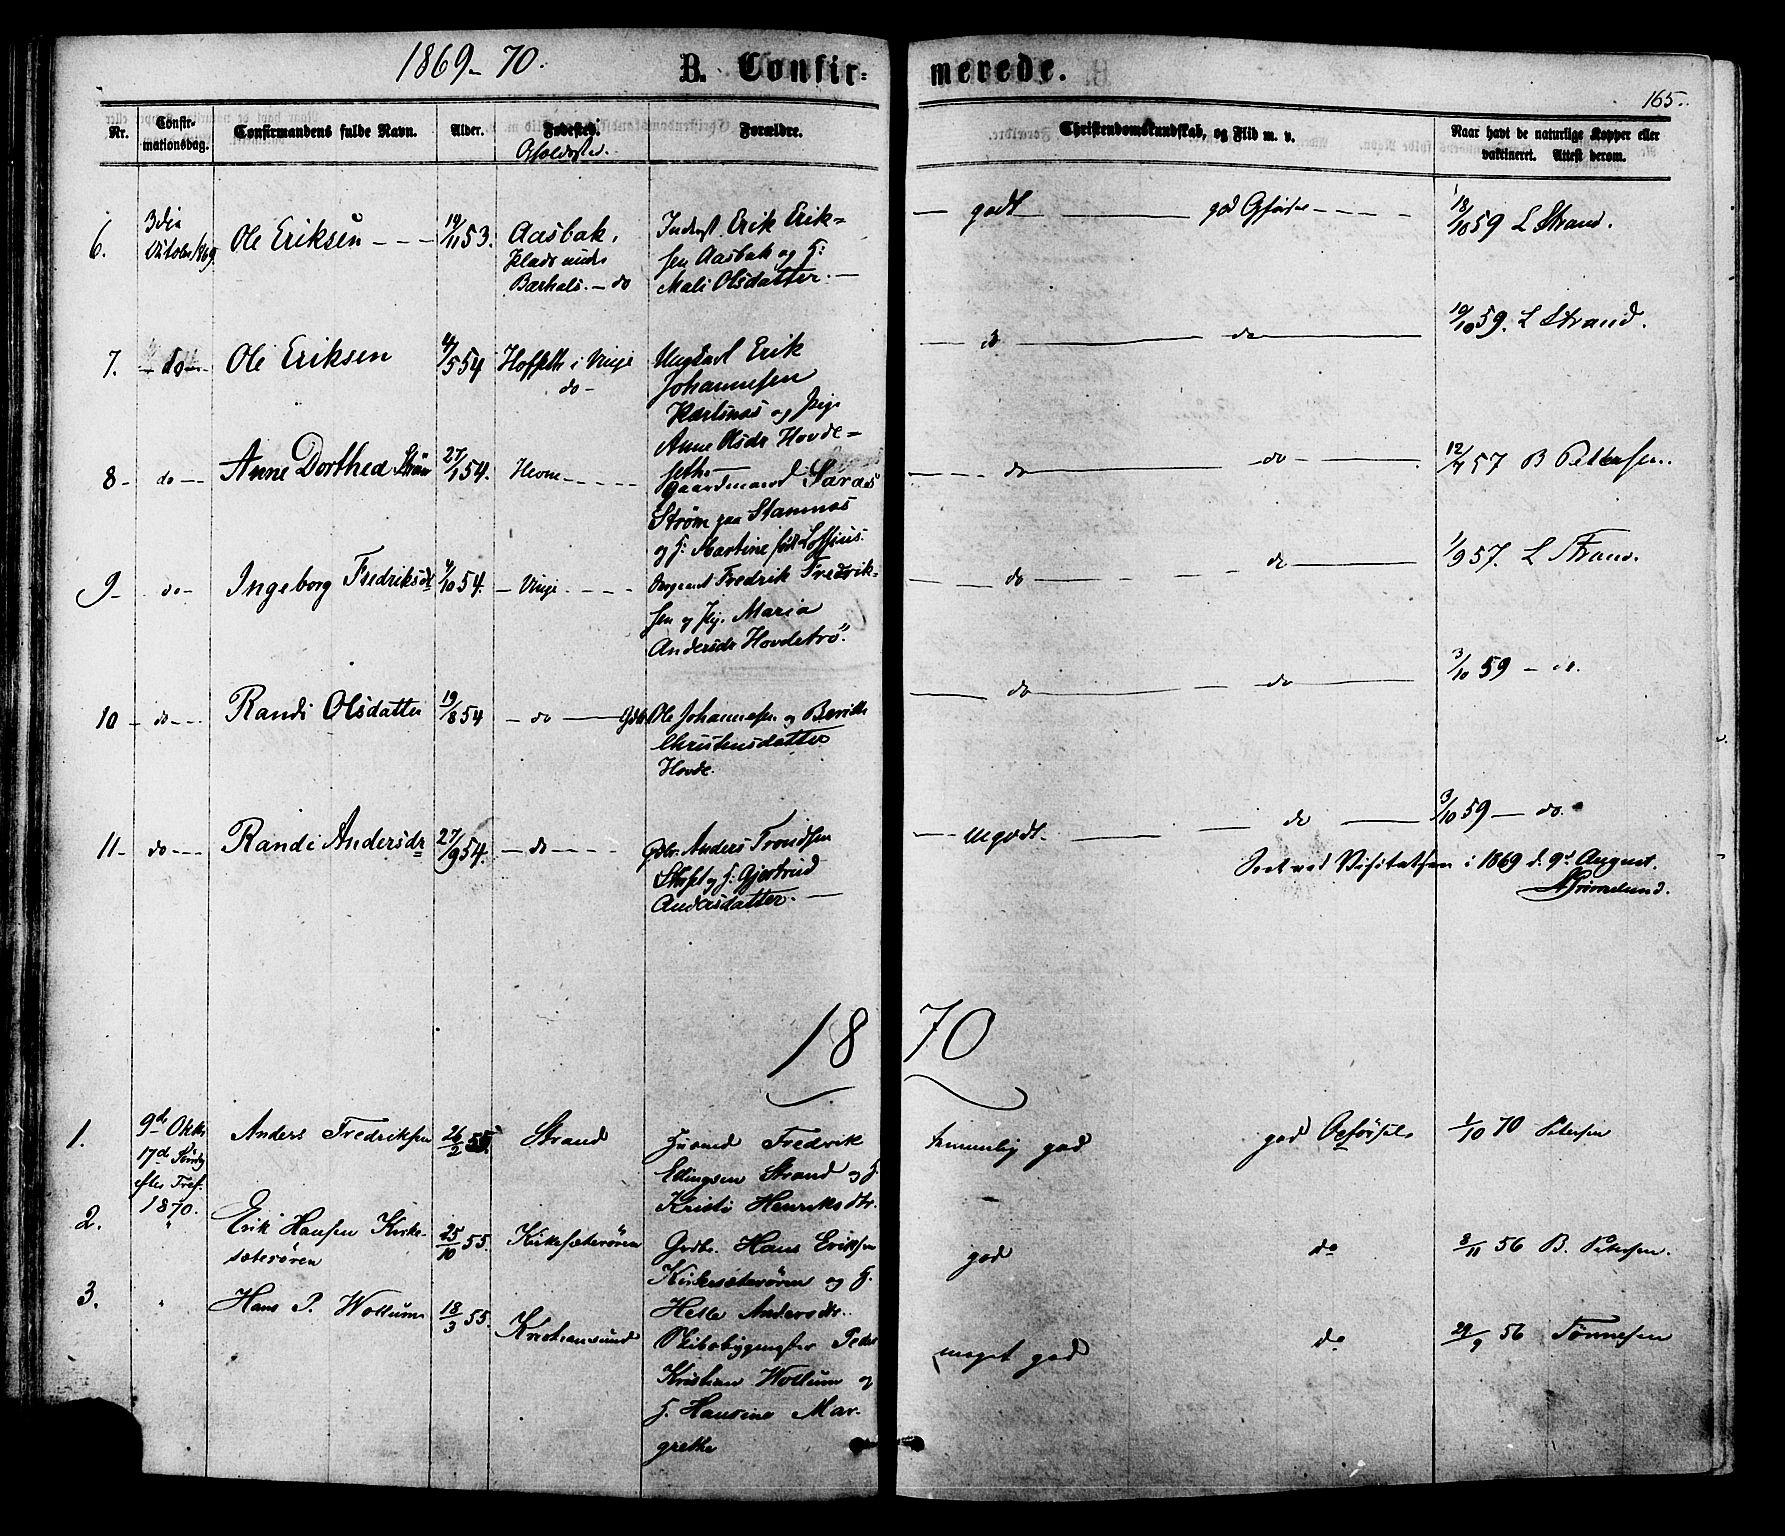 SAT, Ministerialprotokoller, klokkerbøker og fødselsregistre - Sør-Trøndelag, 630/L0495: Ministerialbok nr. 630A08, 1868-1878, s. 165